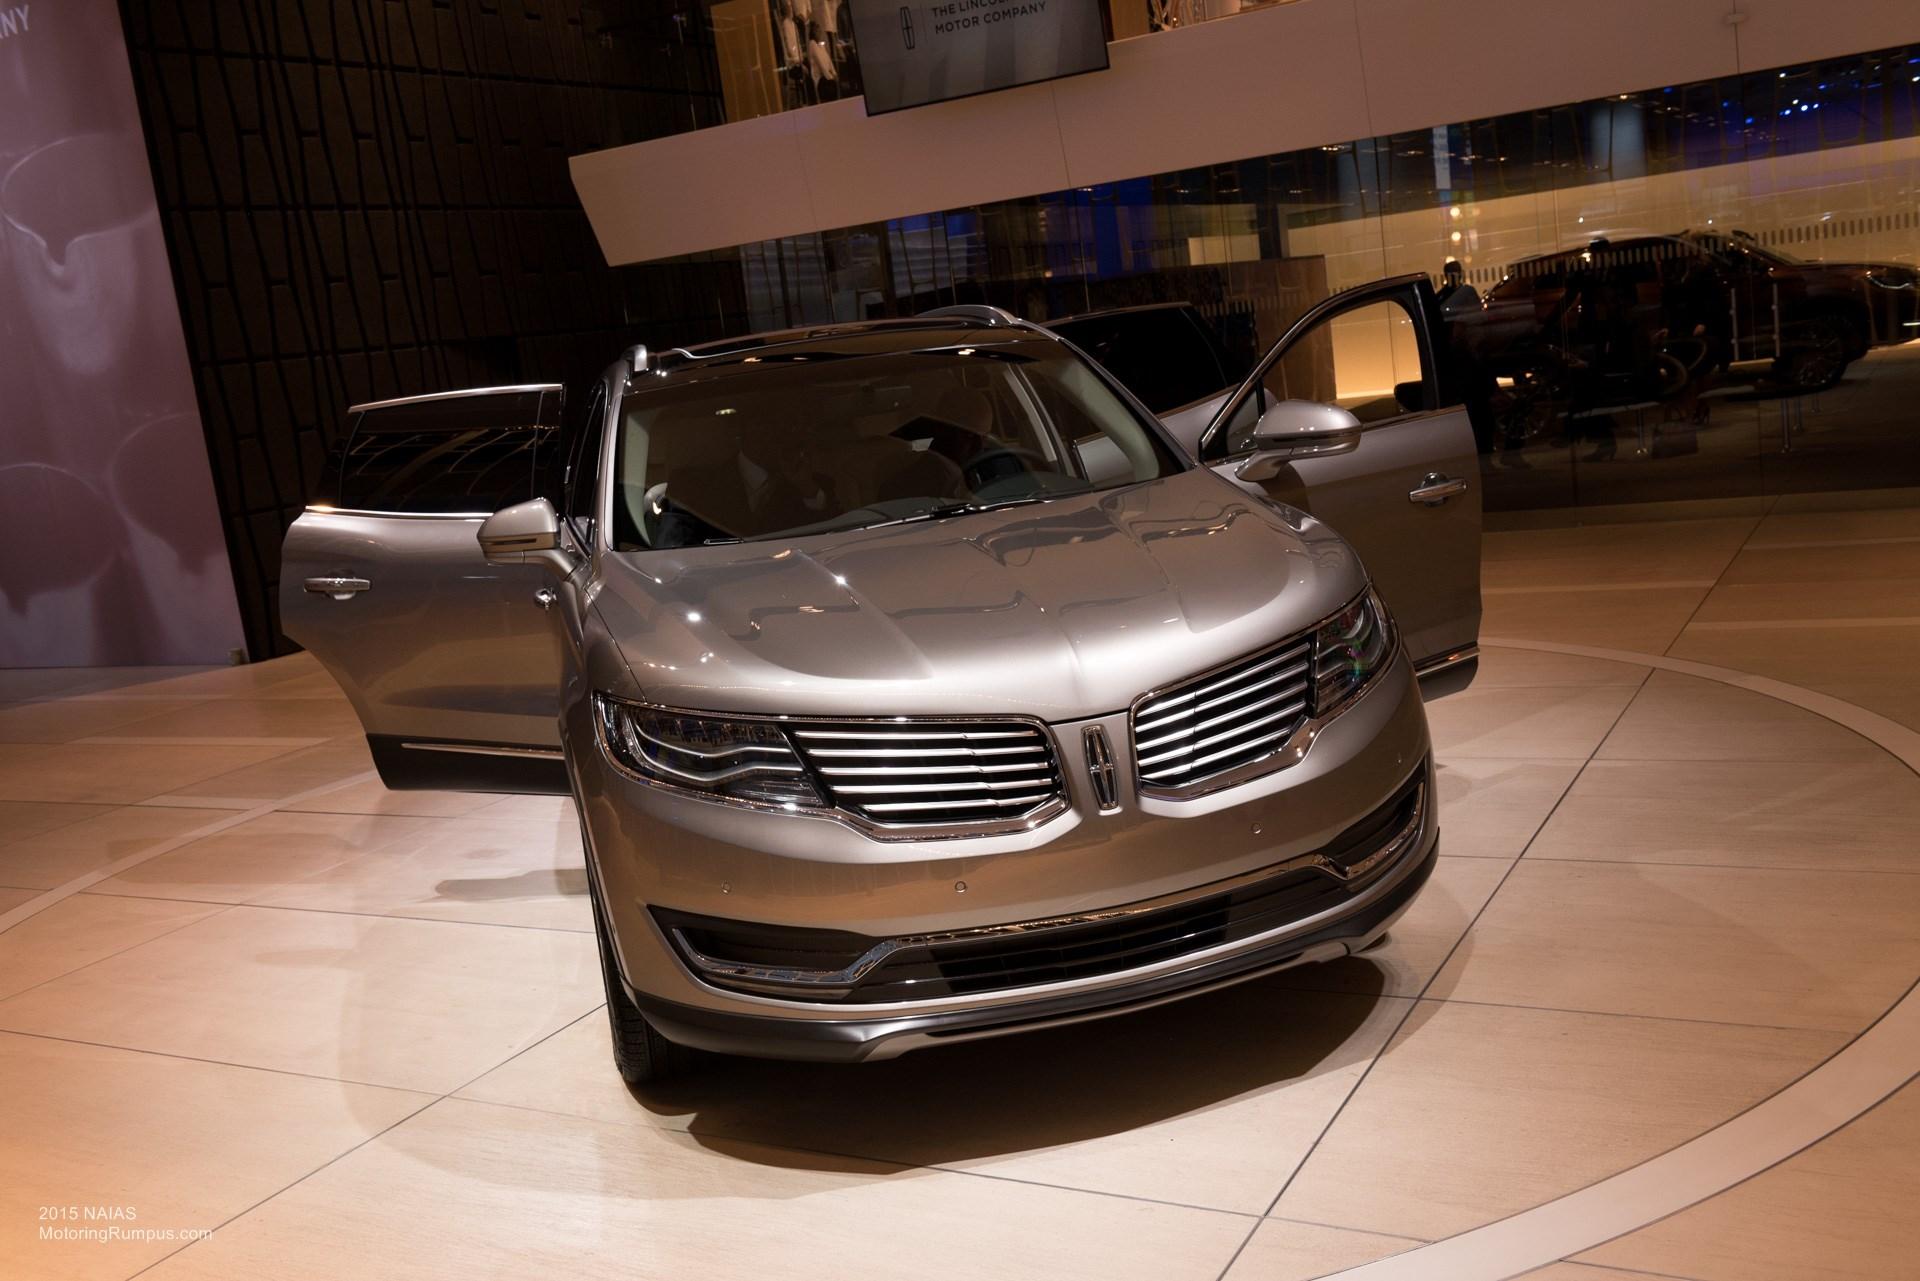 2015 NAIAS Lincoln MKX LED Headlights - Motoring Rumpus